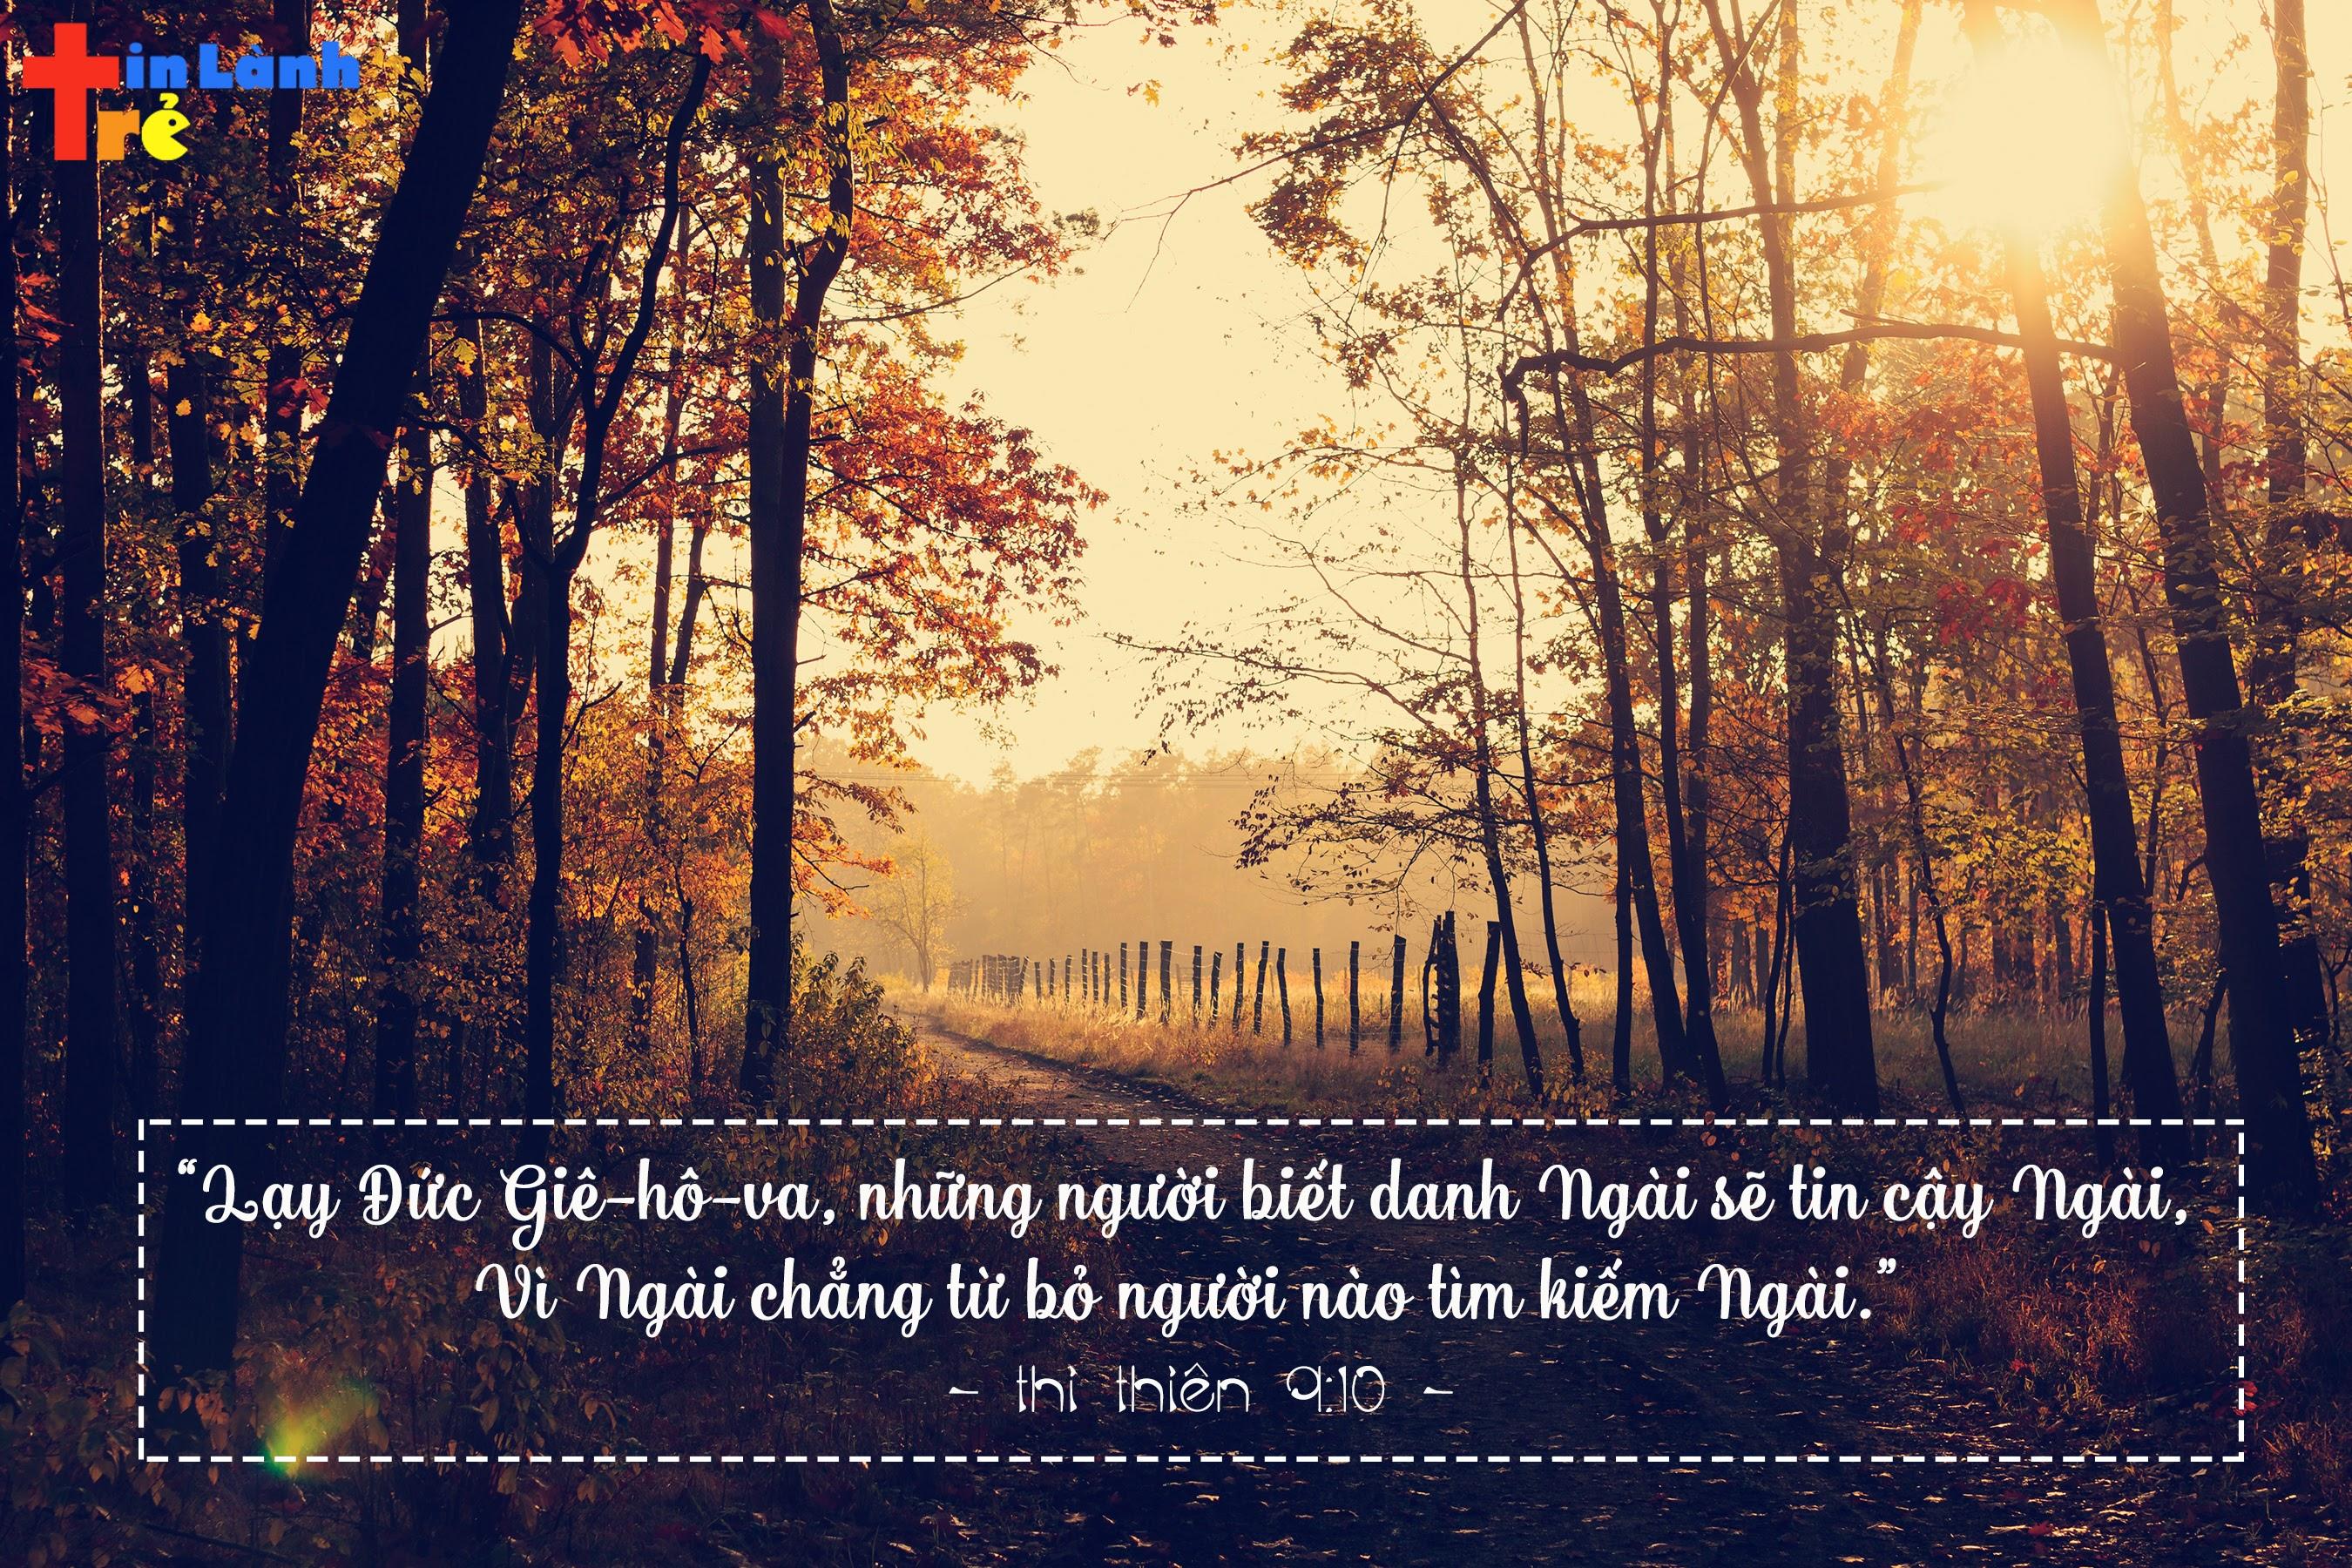 """""""Lạy Đức Giê-hô-va, những người biết danh Ngài sẽ tin cậy Ngài, Vì Ngài chẳng từ bỏ người nào tìm kiếm Ngài."""" - Thi Thiên 9:10"""